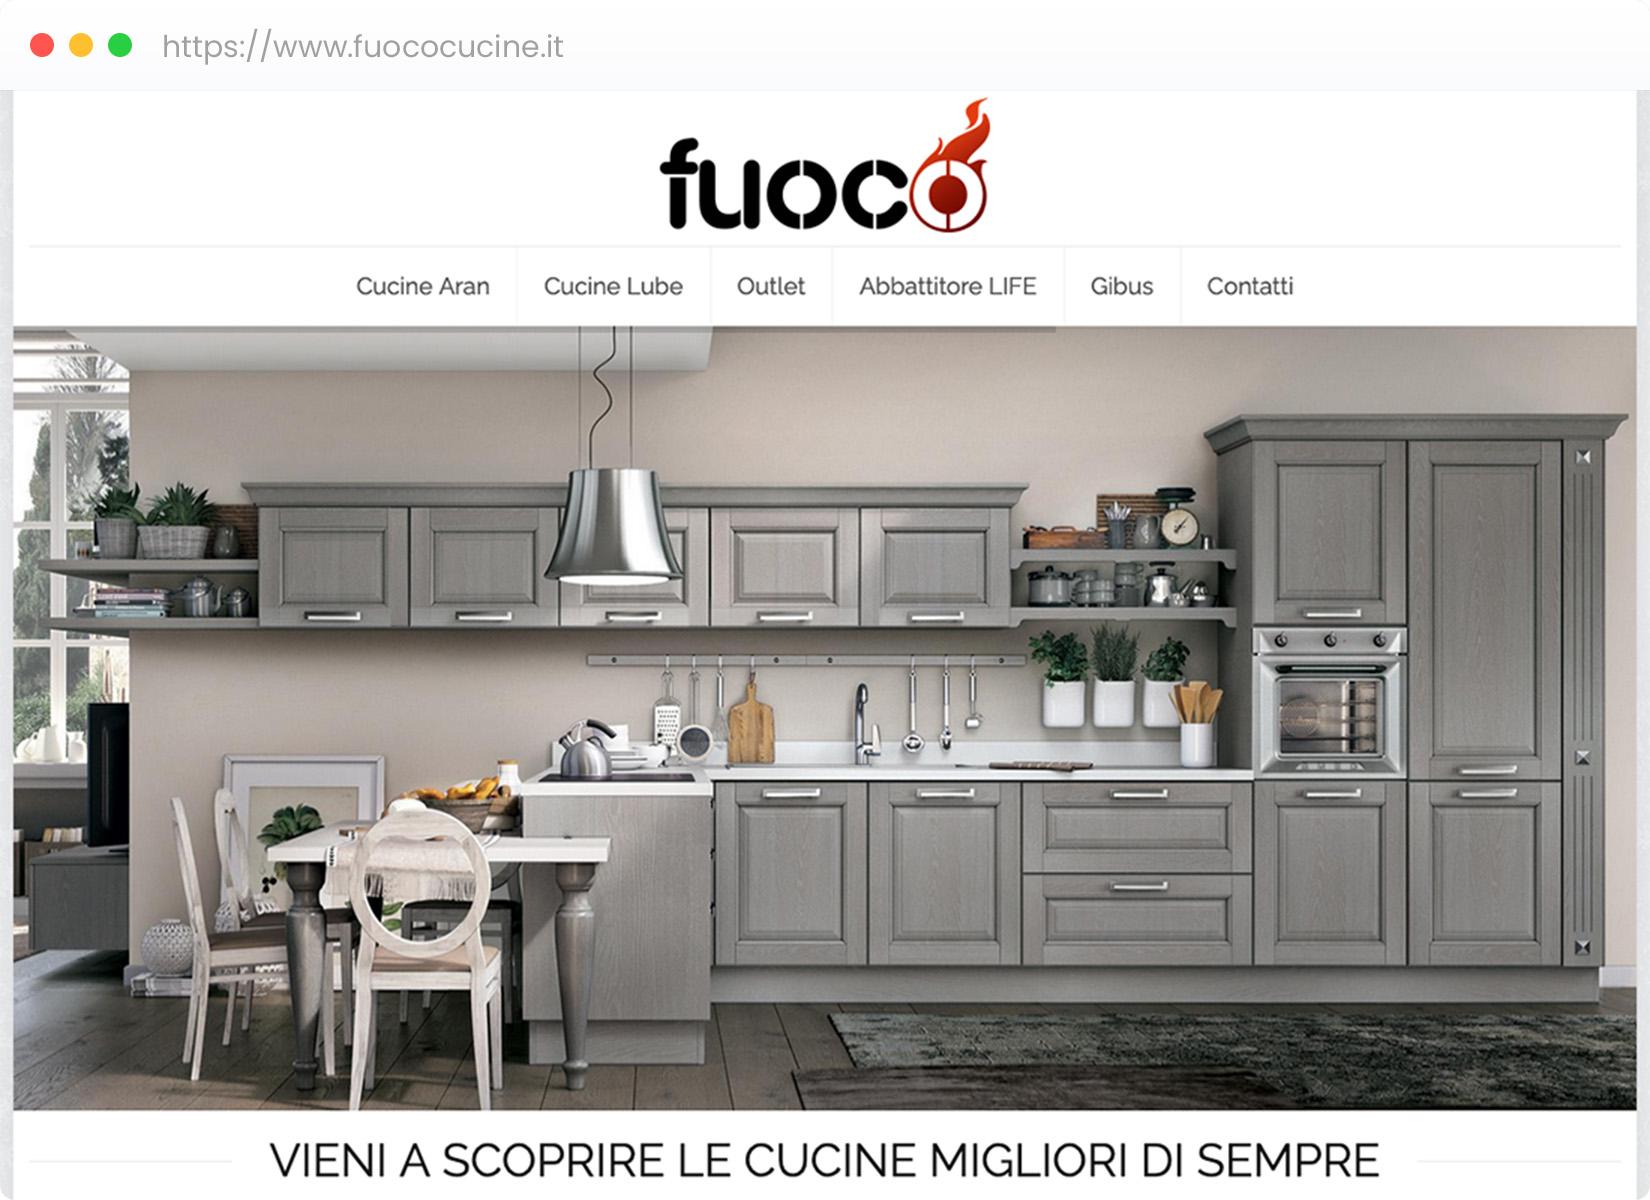 Fuoco Cucine Arkimede Adv Agenzia Di Comunicazione